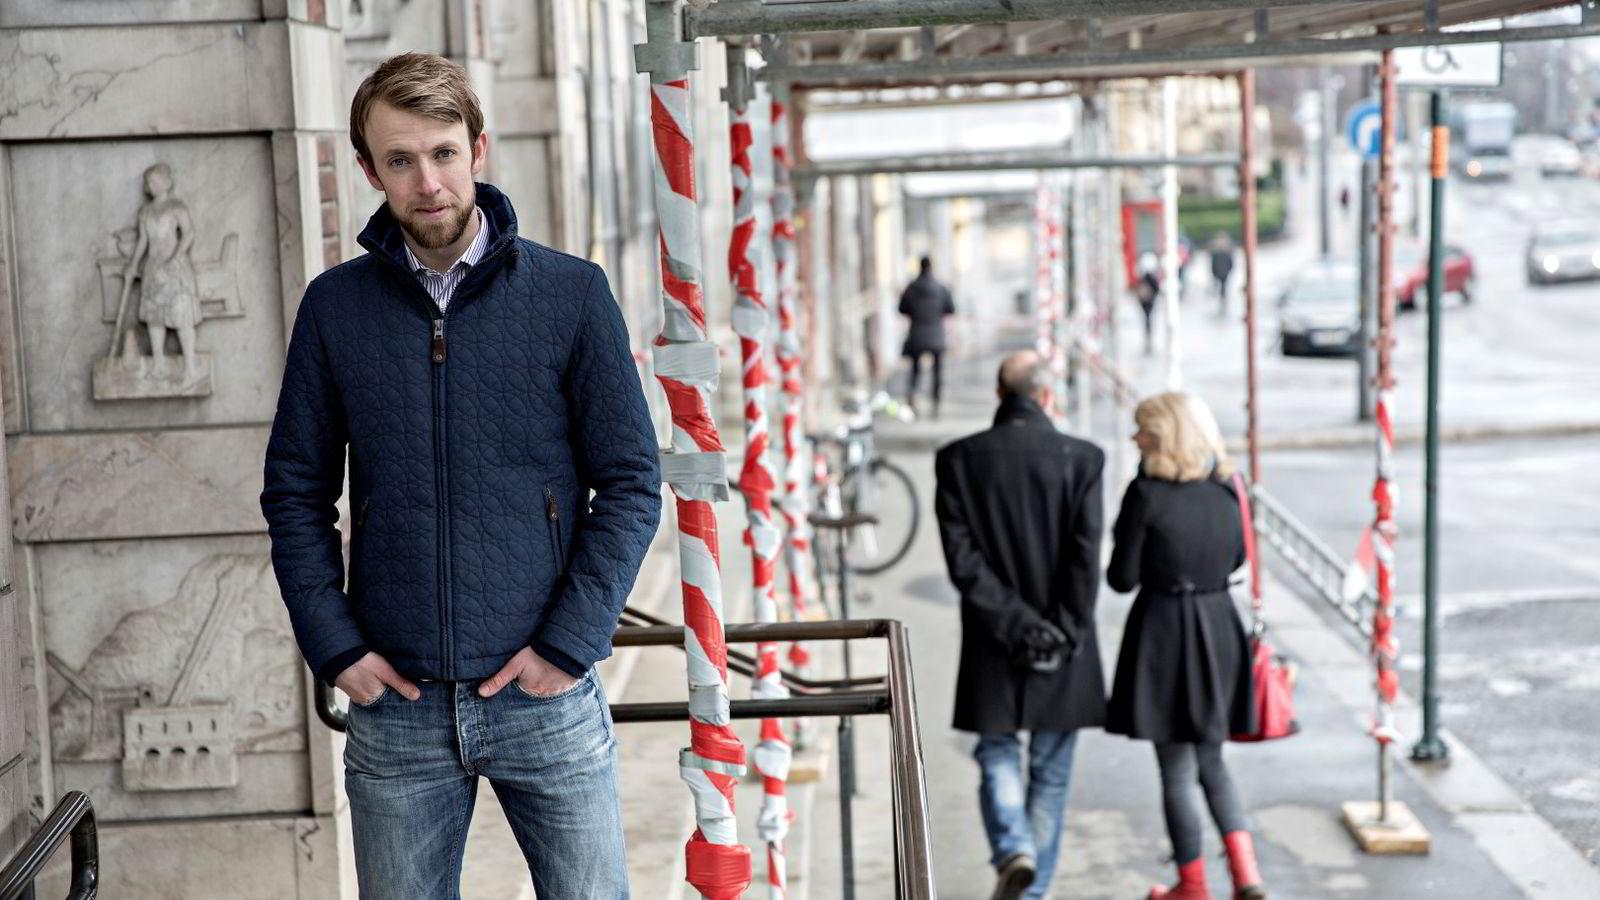 Bruk tid på å utforme gode jobbsøknader. Det vil lønne seg, mener lederkonsulent Magnus Mælum Norstrøm.